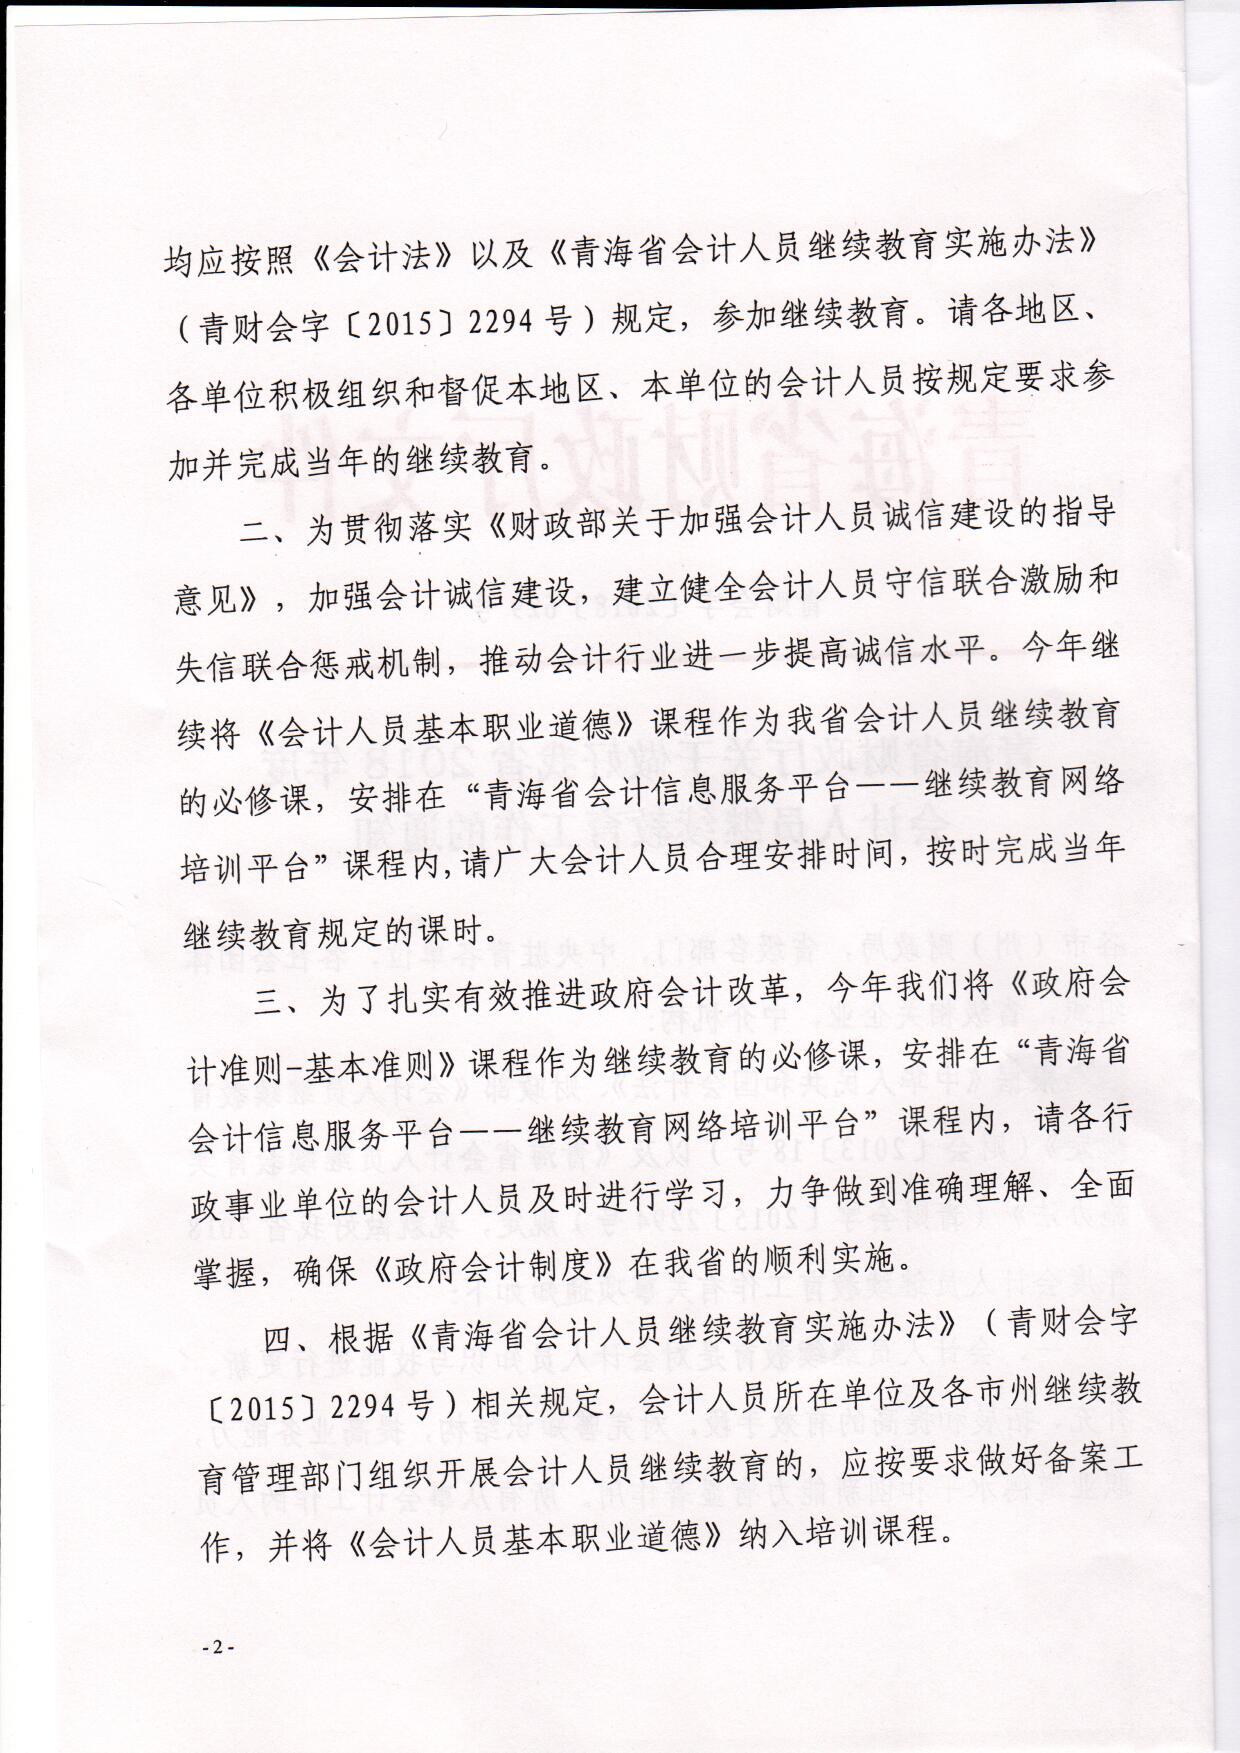 2018青海会计继续教育网络培训平台:http://webqh.kj2100.com